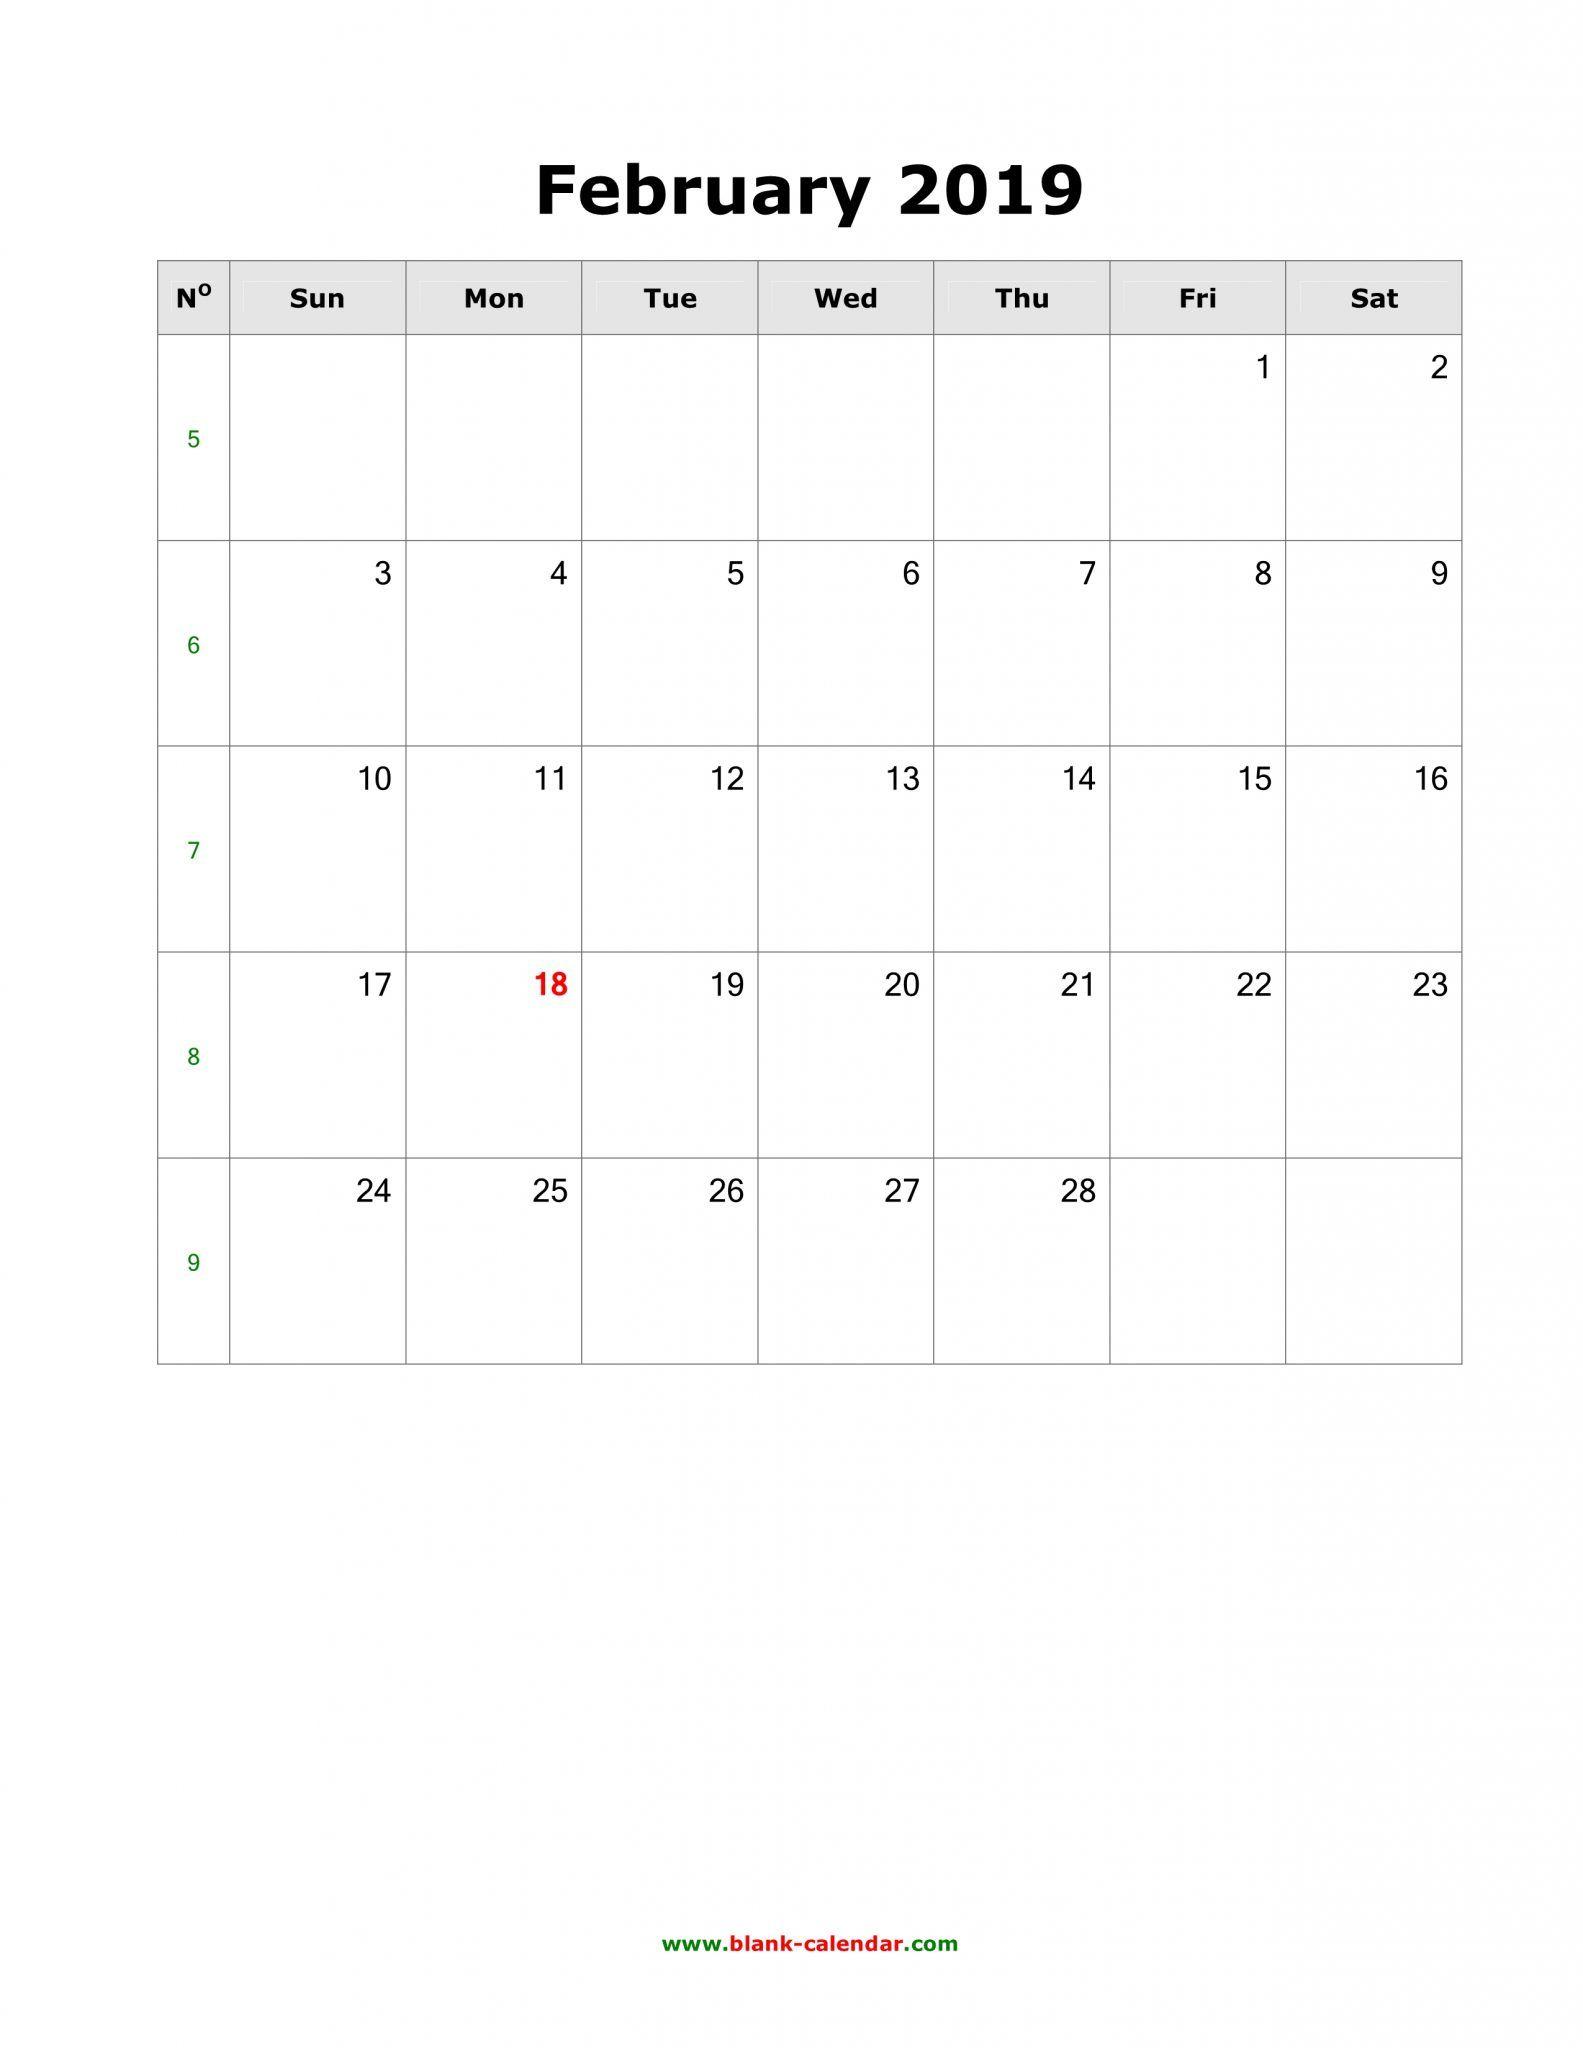 Full Size Printable February Calendar 2019 February 2019 Calendar A4 Size   Free Printable February 2019